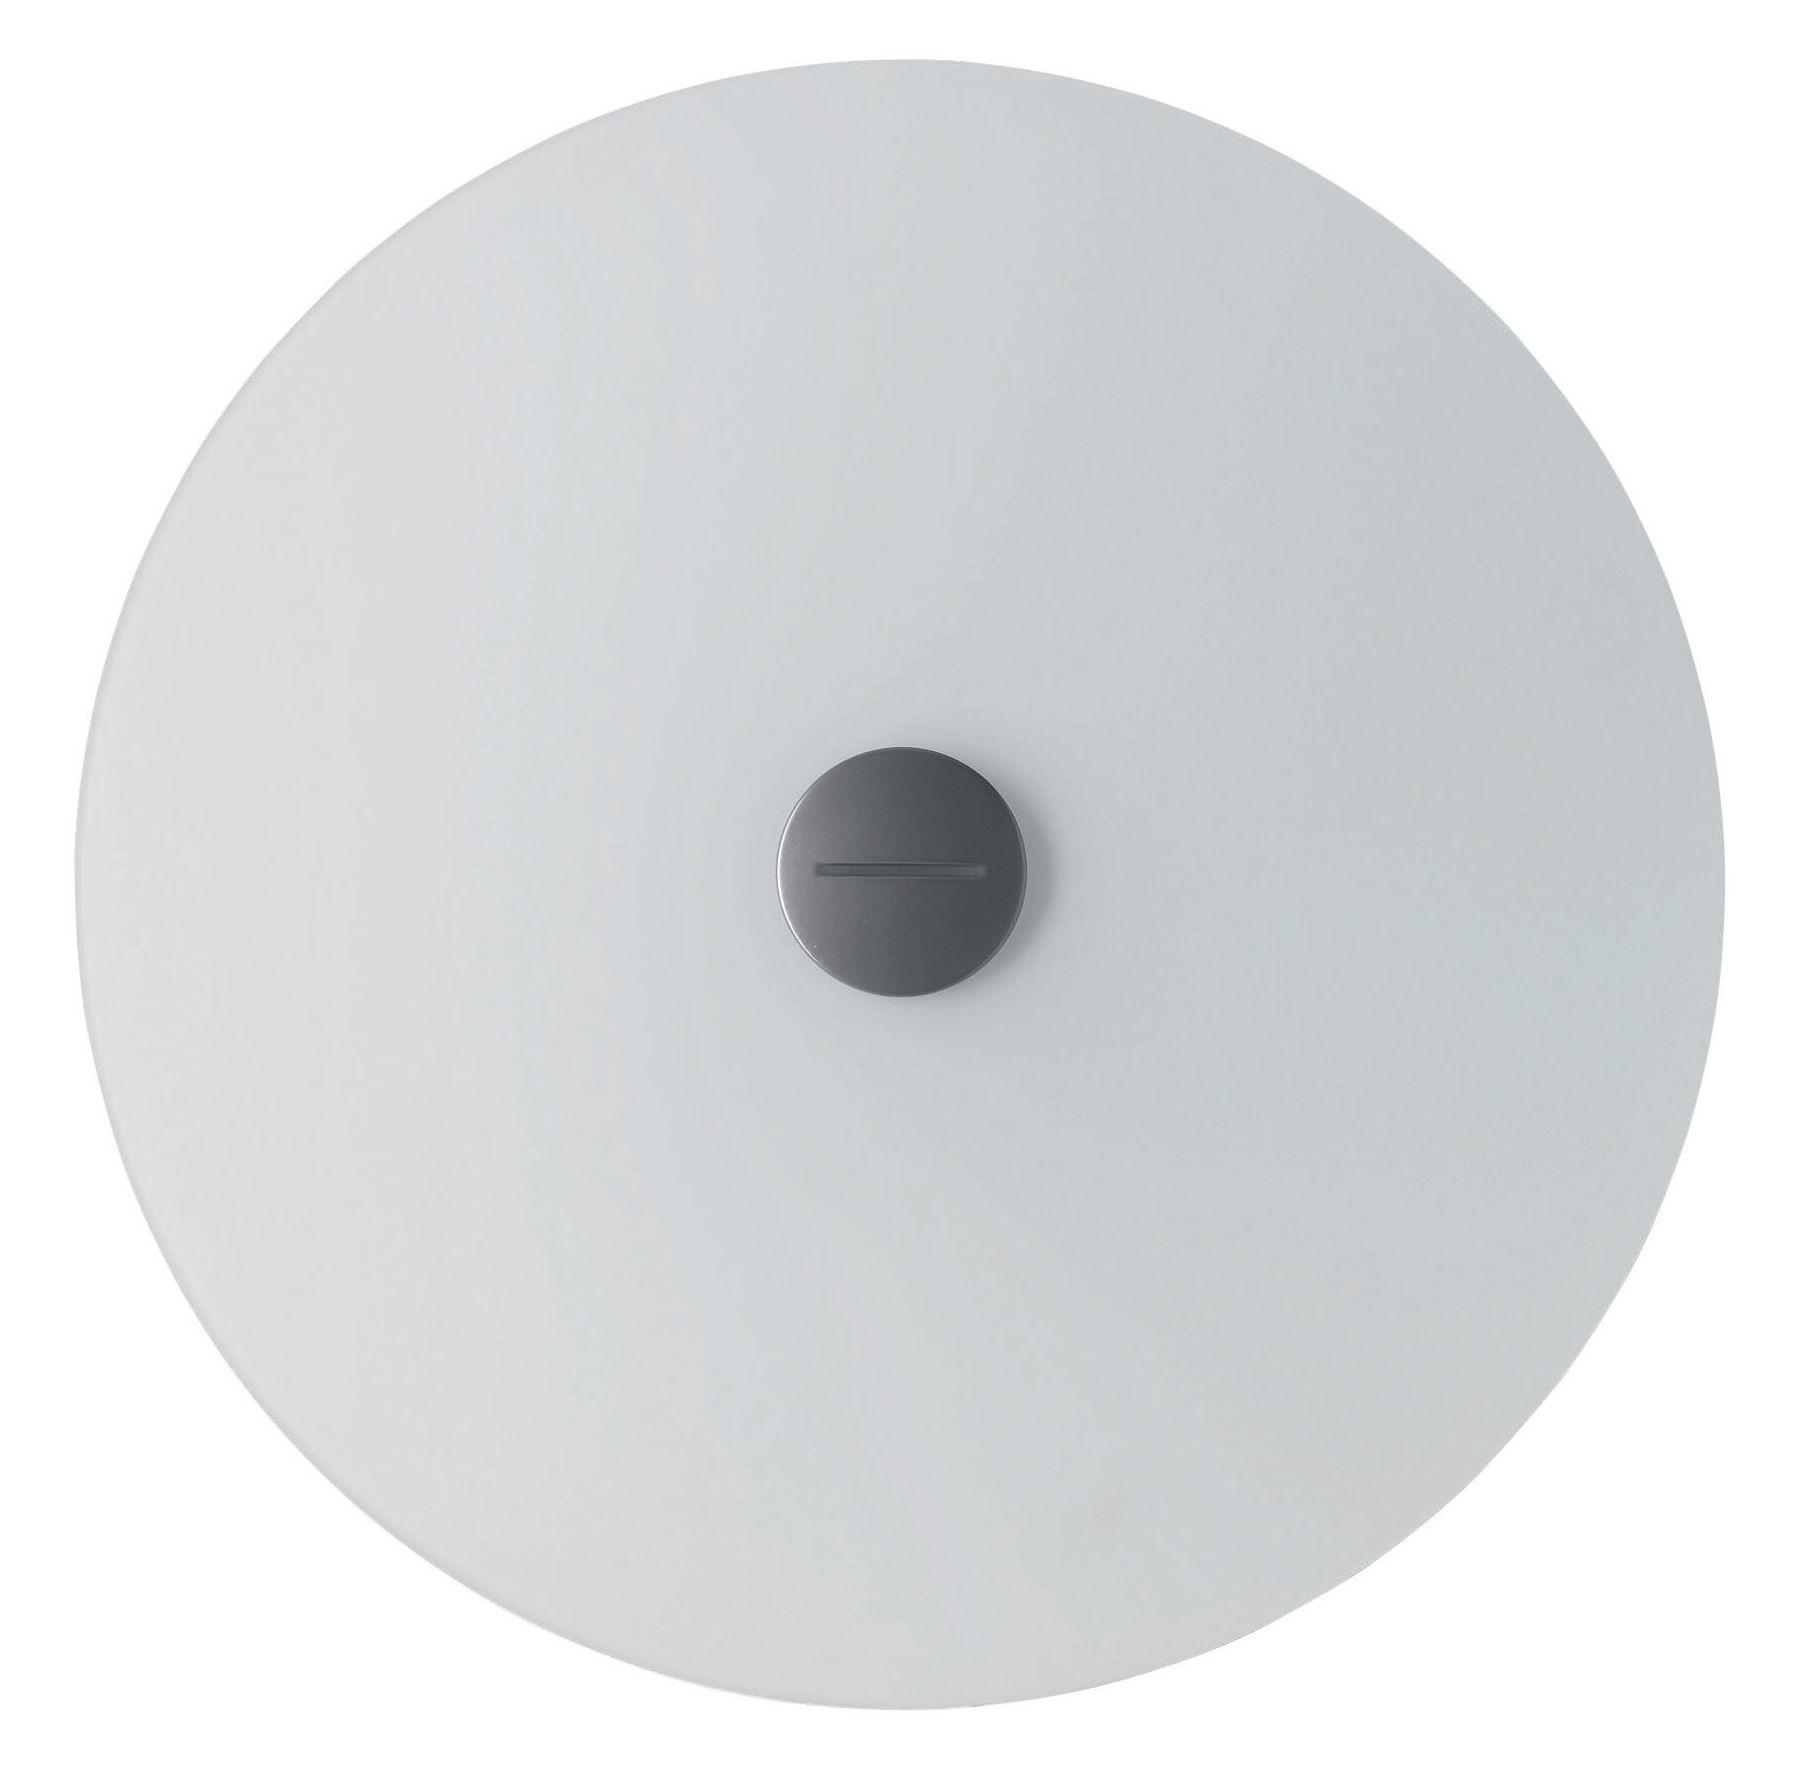 Illuminazione - Lampade da parete - Applique con presa Bit 3 di Foscarini - Bianco - Metallo, Vetro